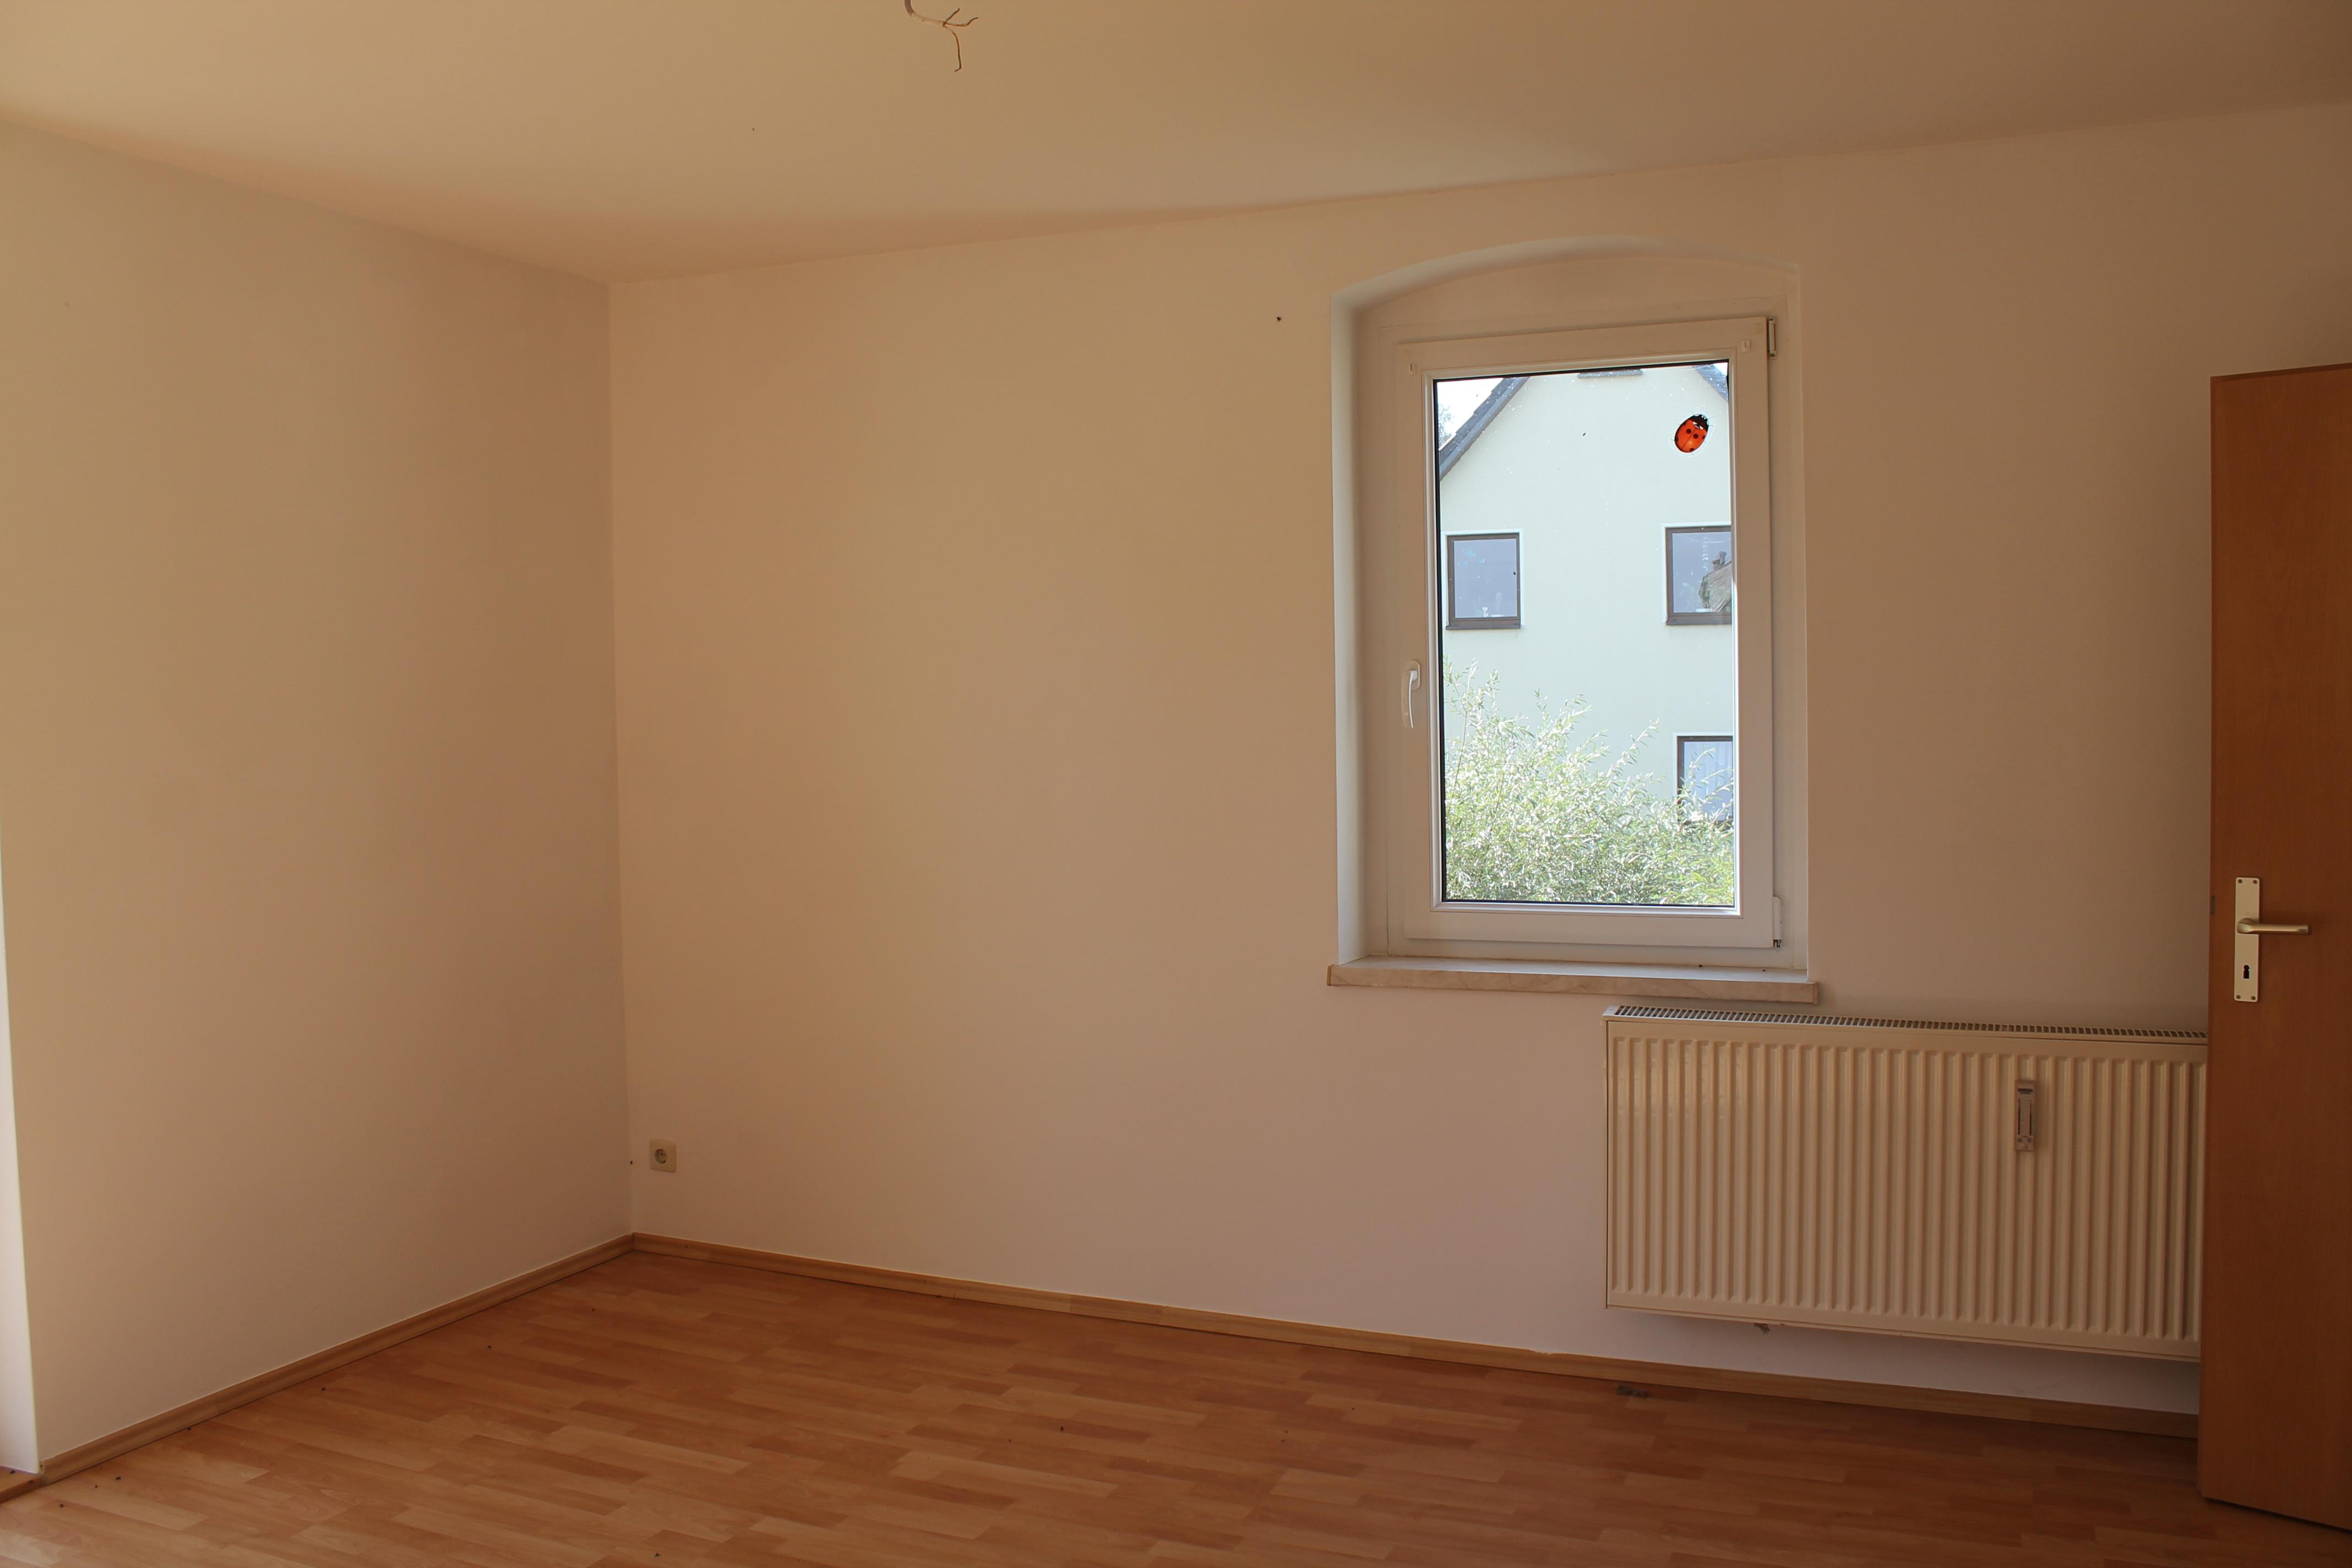 Leubsdorf Wohnzimmer vorher